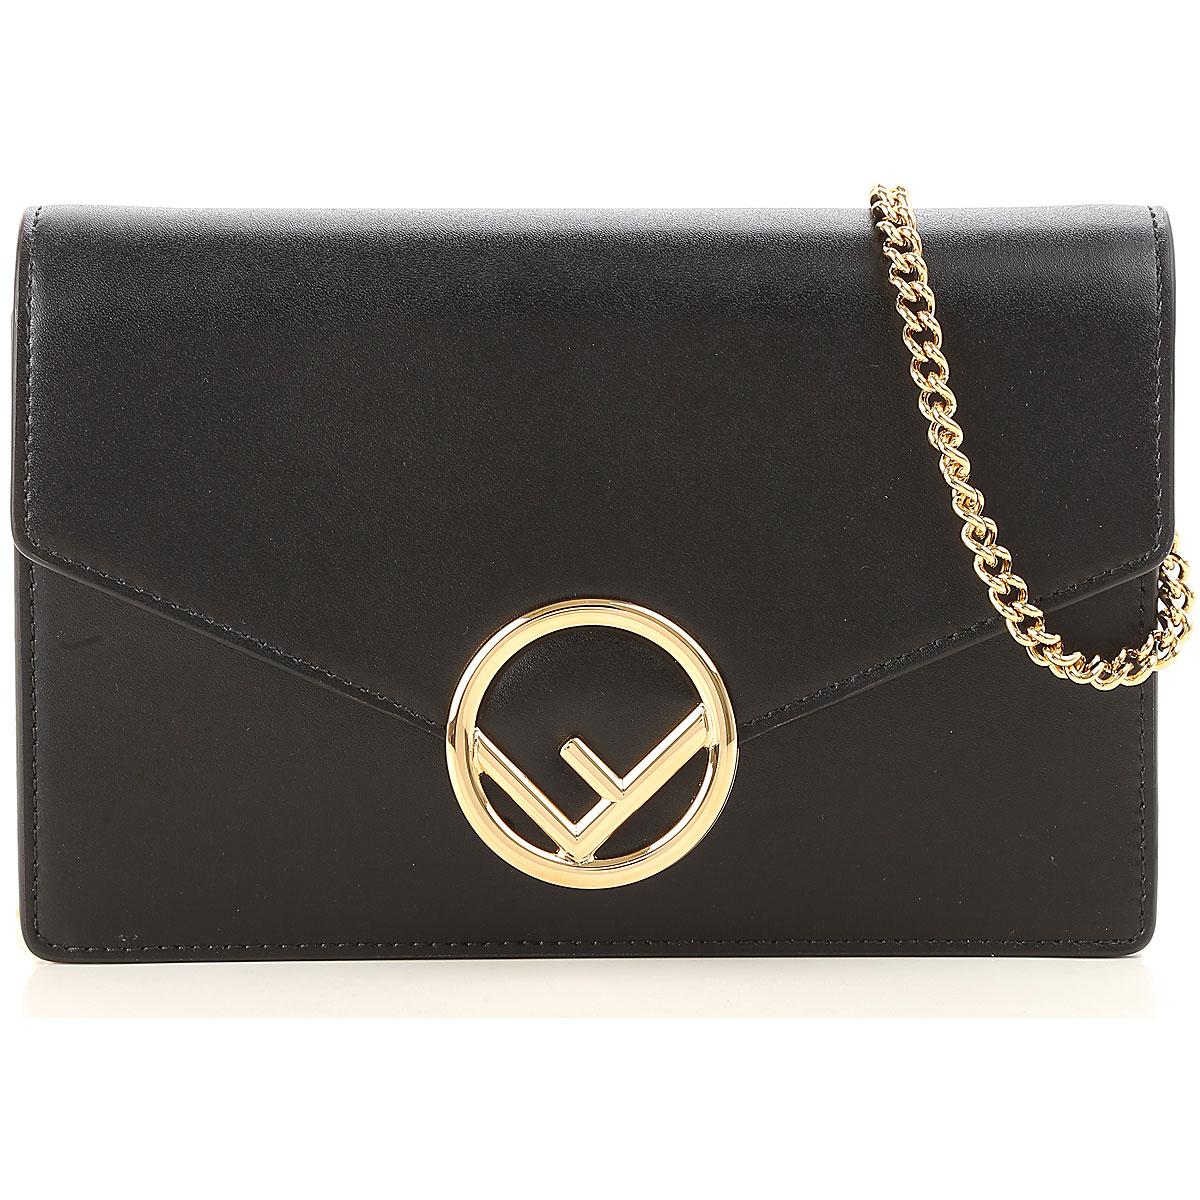 ed0fb9fbb6 cheapest fendi handbag codes using symbols d42d7 86553